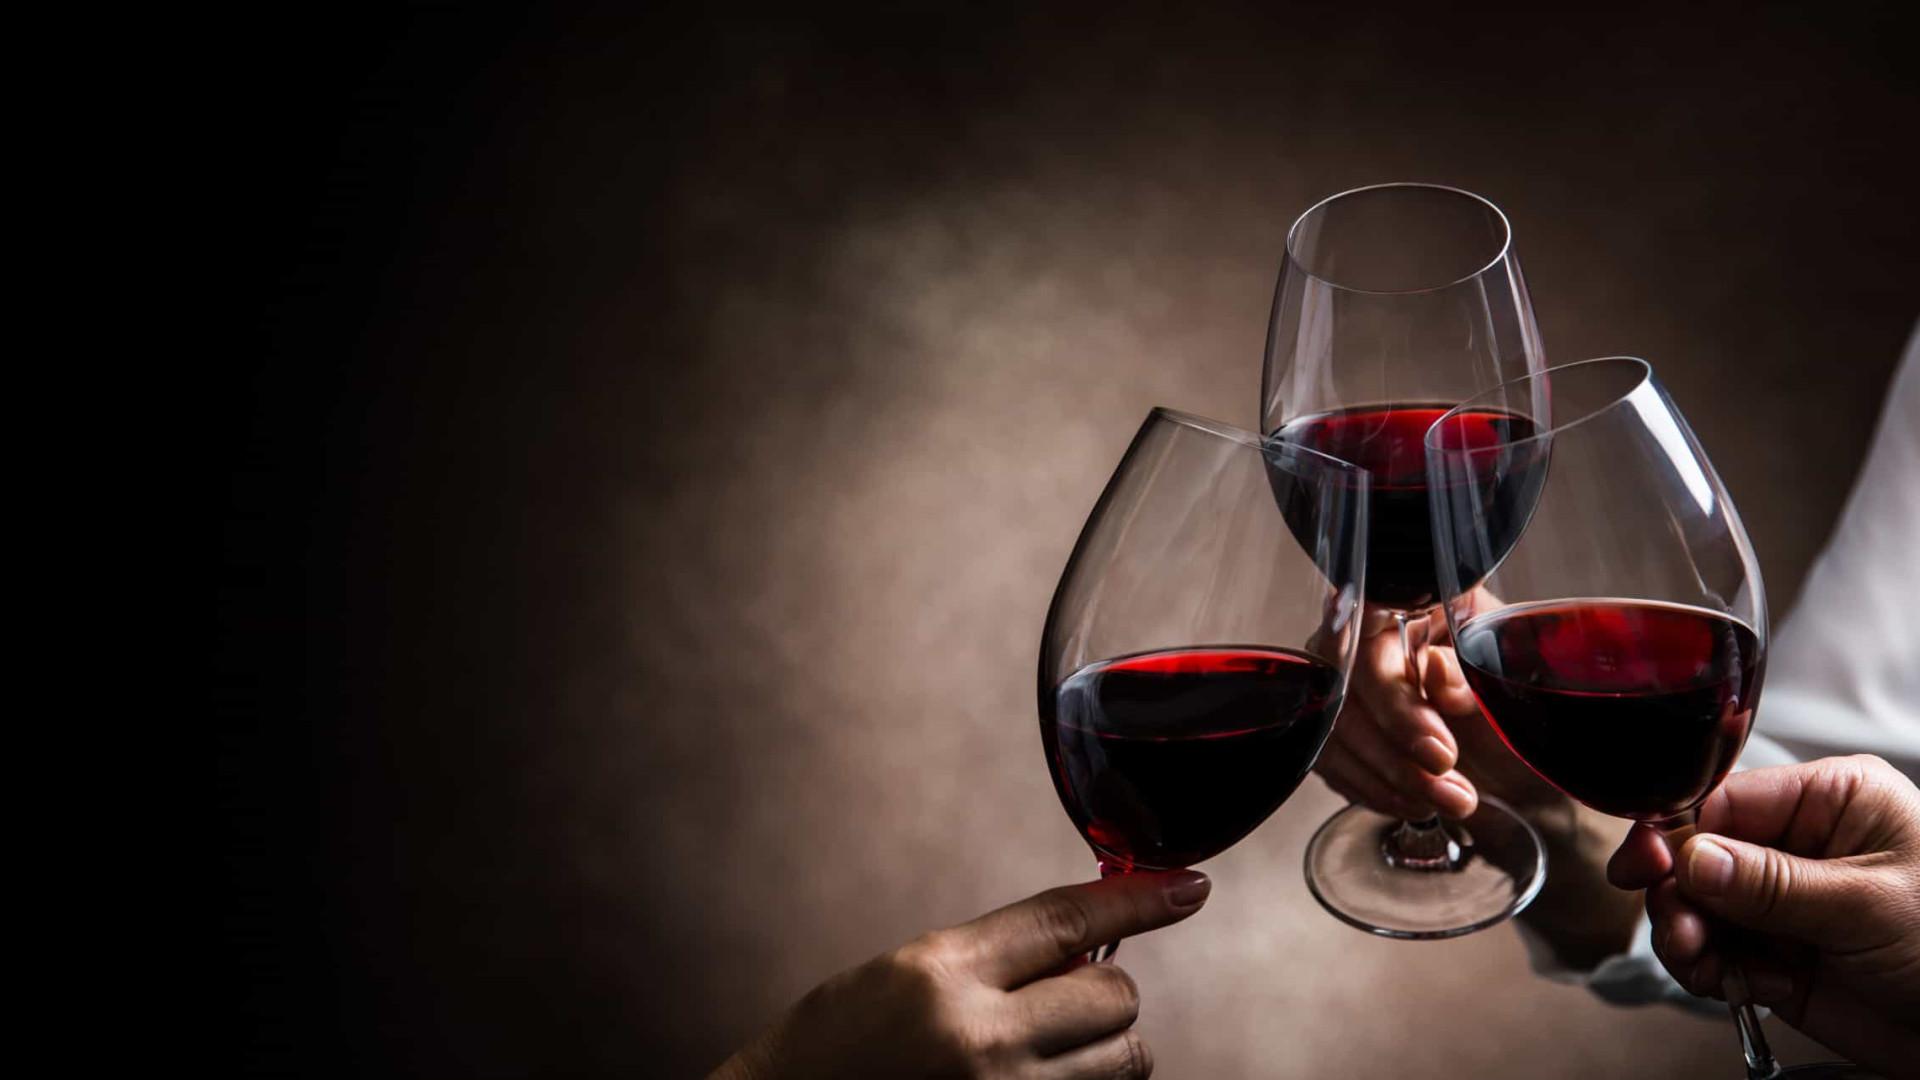 Vinho brasileiro tem salto histórico no ano de pandemia